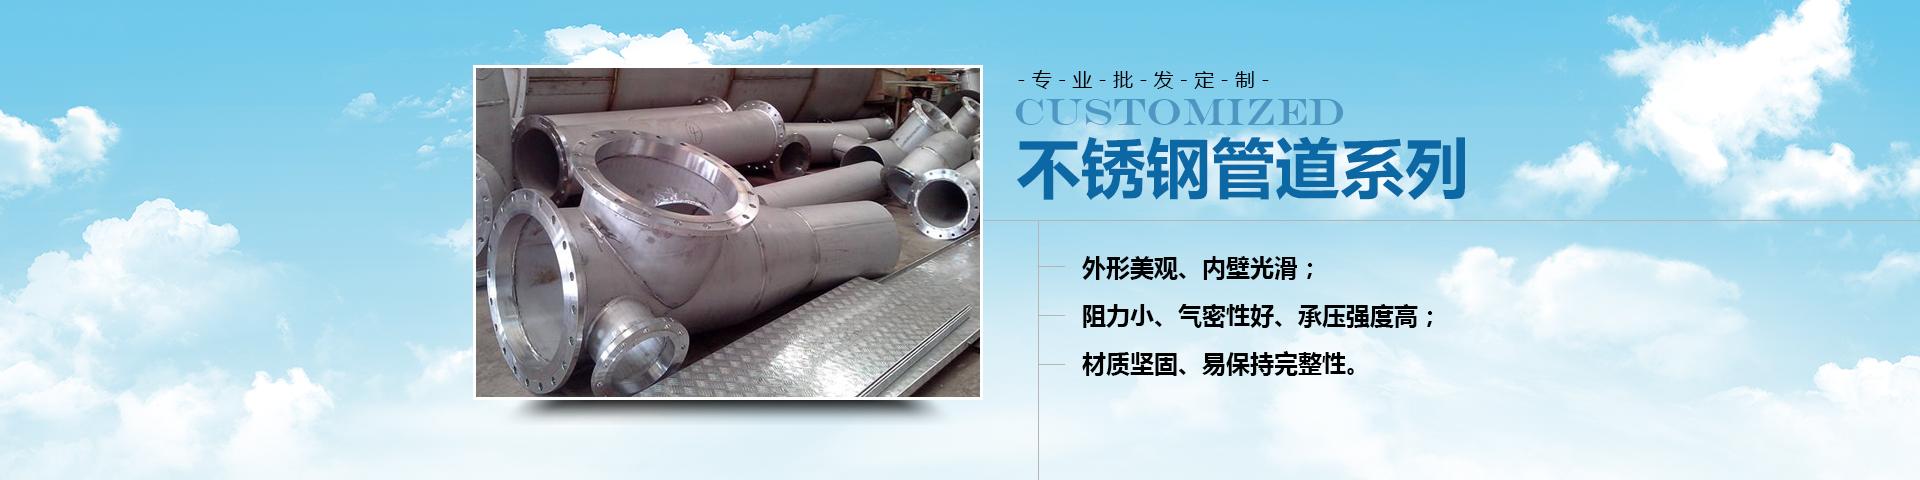 武汉不锈钢加工厂家